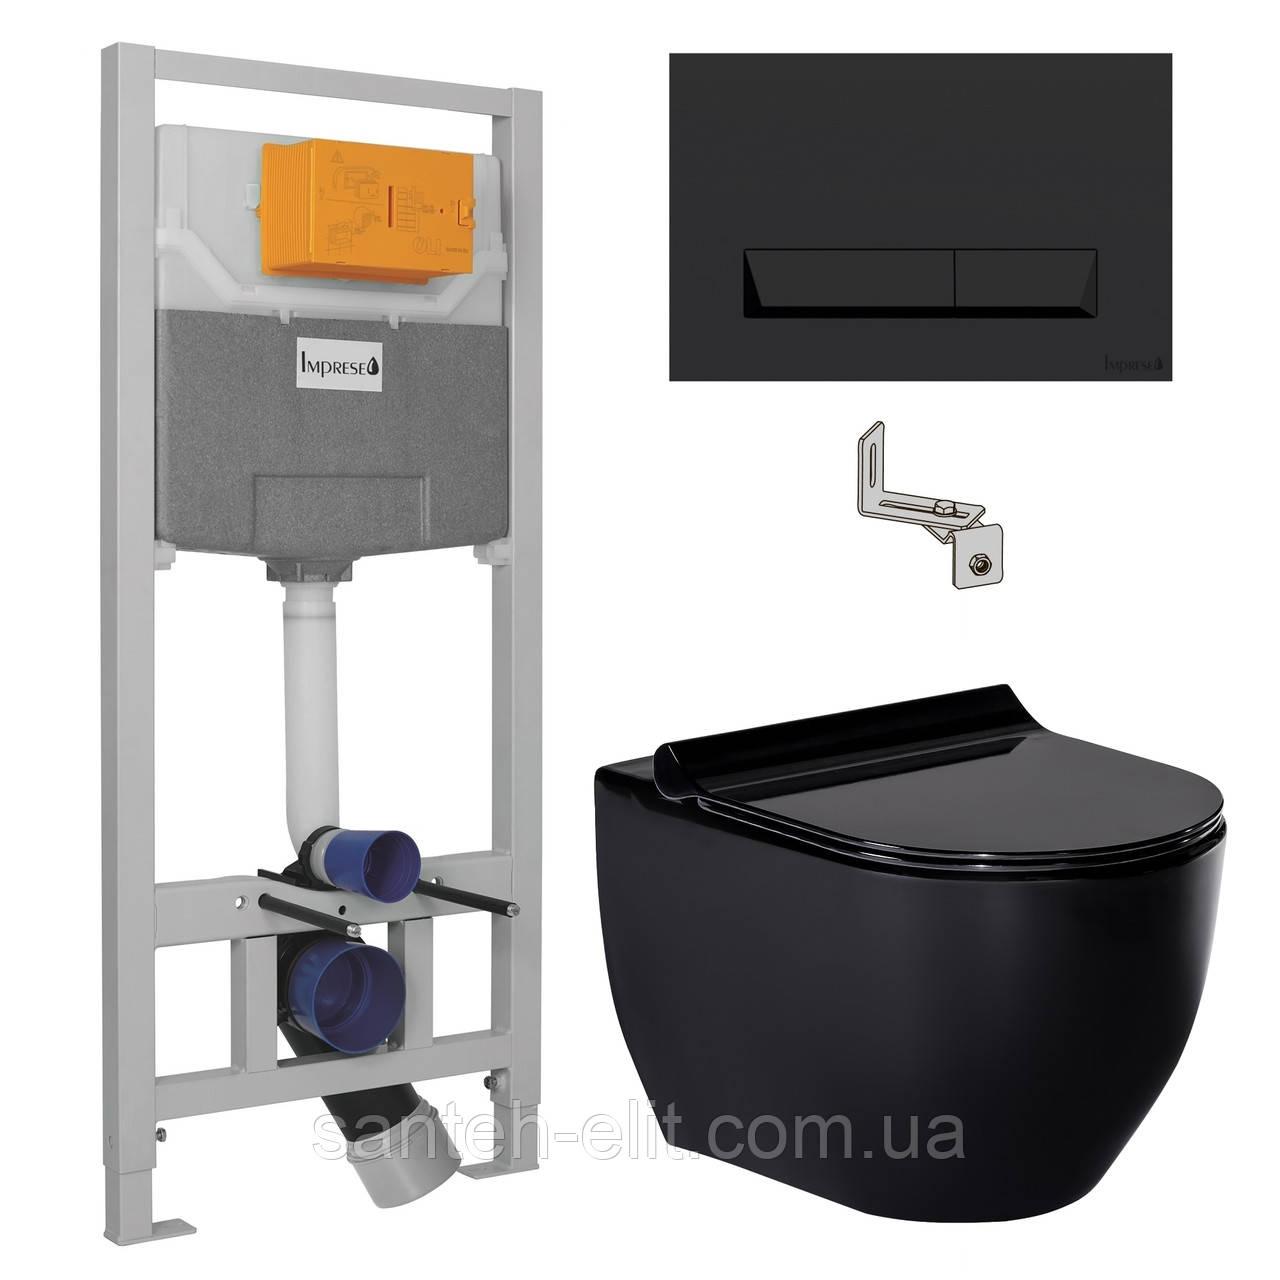 Комплект: Volle BLACK AMADEUS унитаз черный c сиденьем + инсталляция IMPRESE с черной клавишей